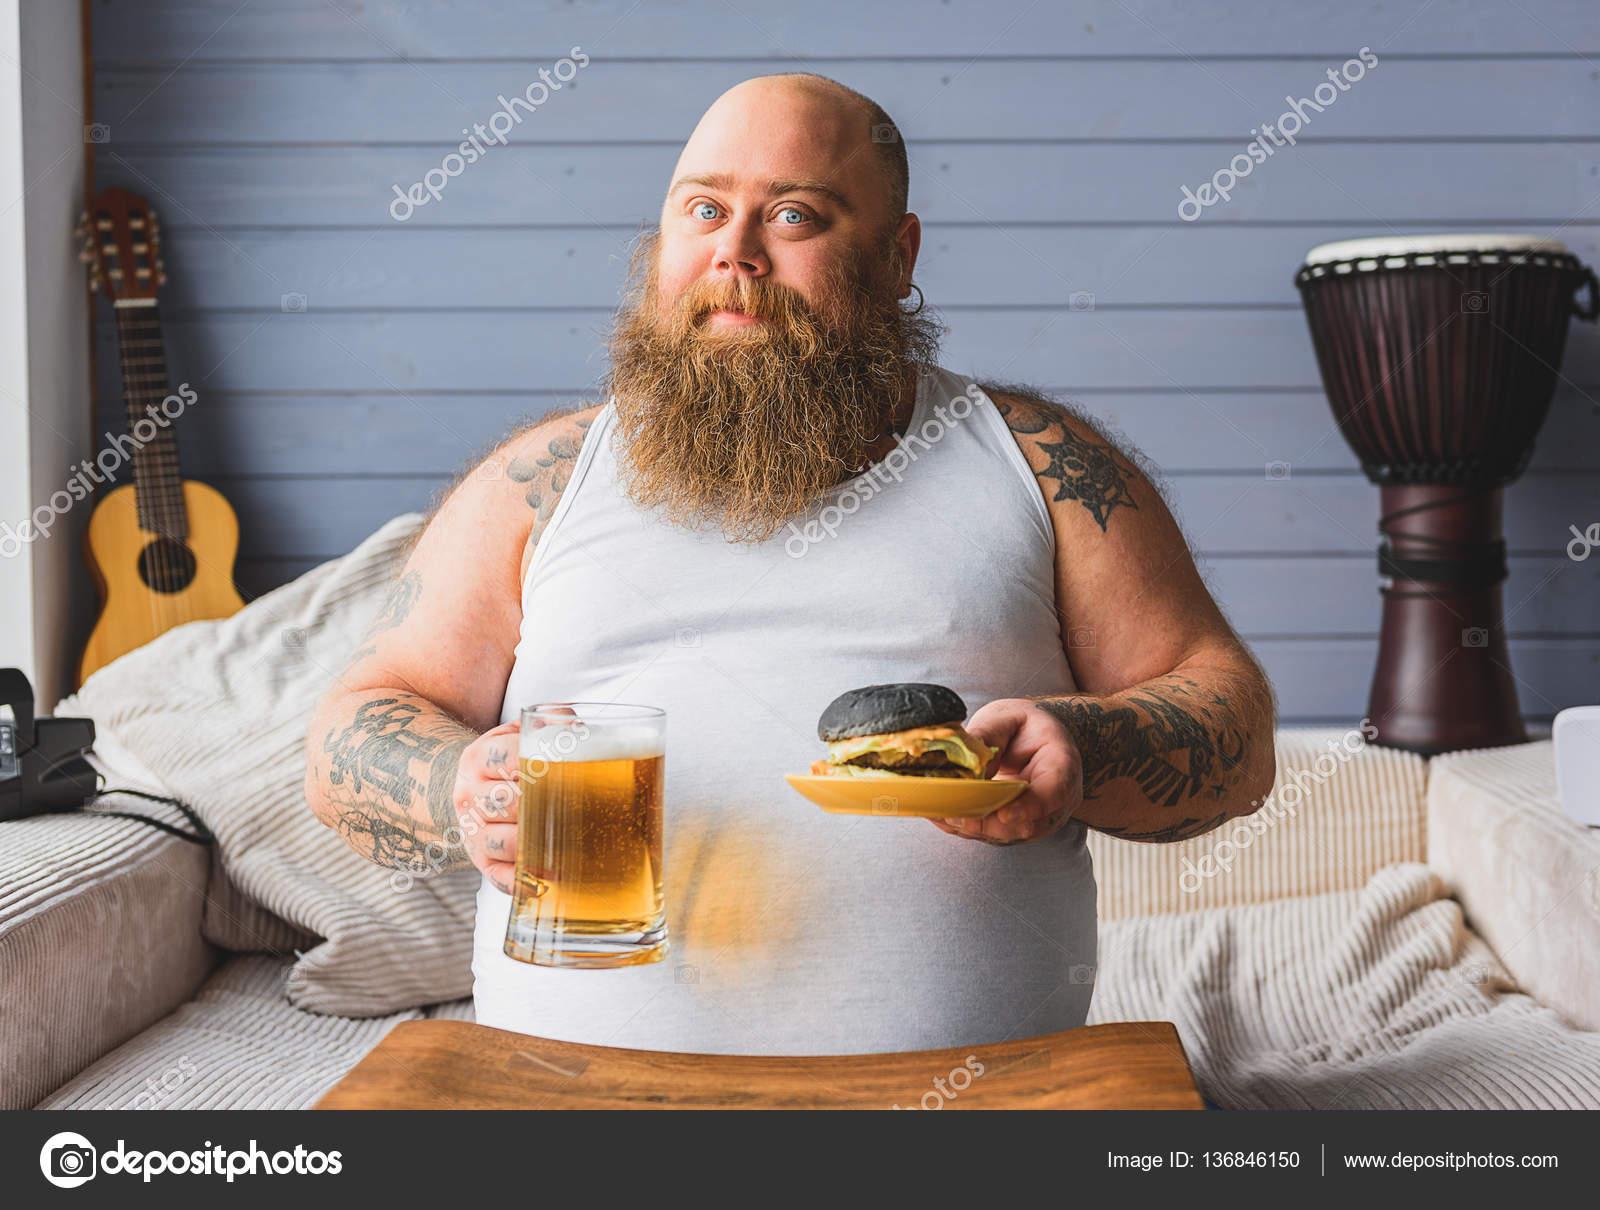 Fat guys that eat cum hot sissy gay boys 9